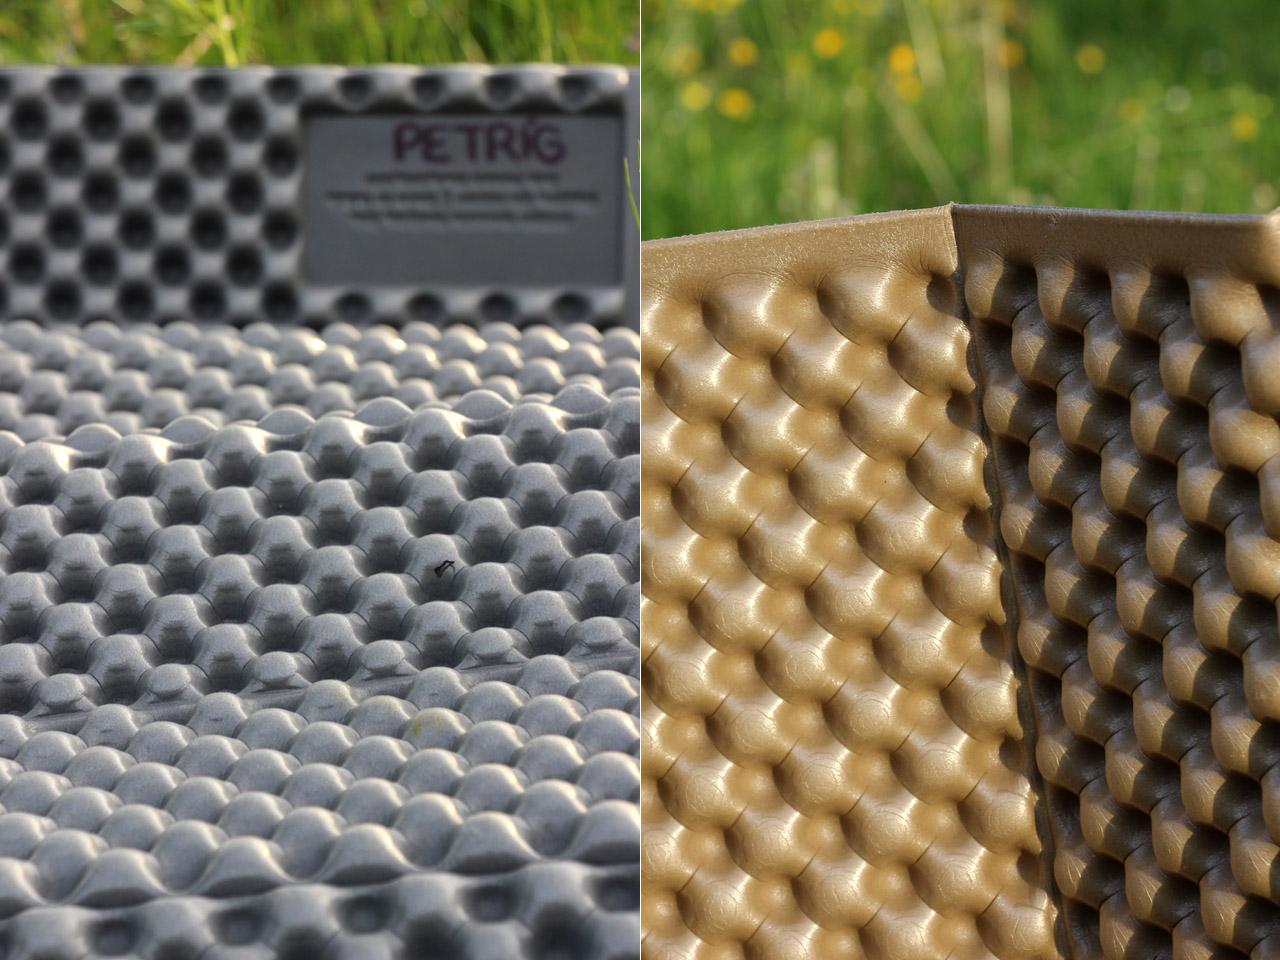 Therm-a-rest Z Lite - porovnanie povrchov z oboch strán